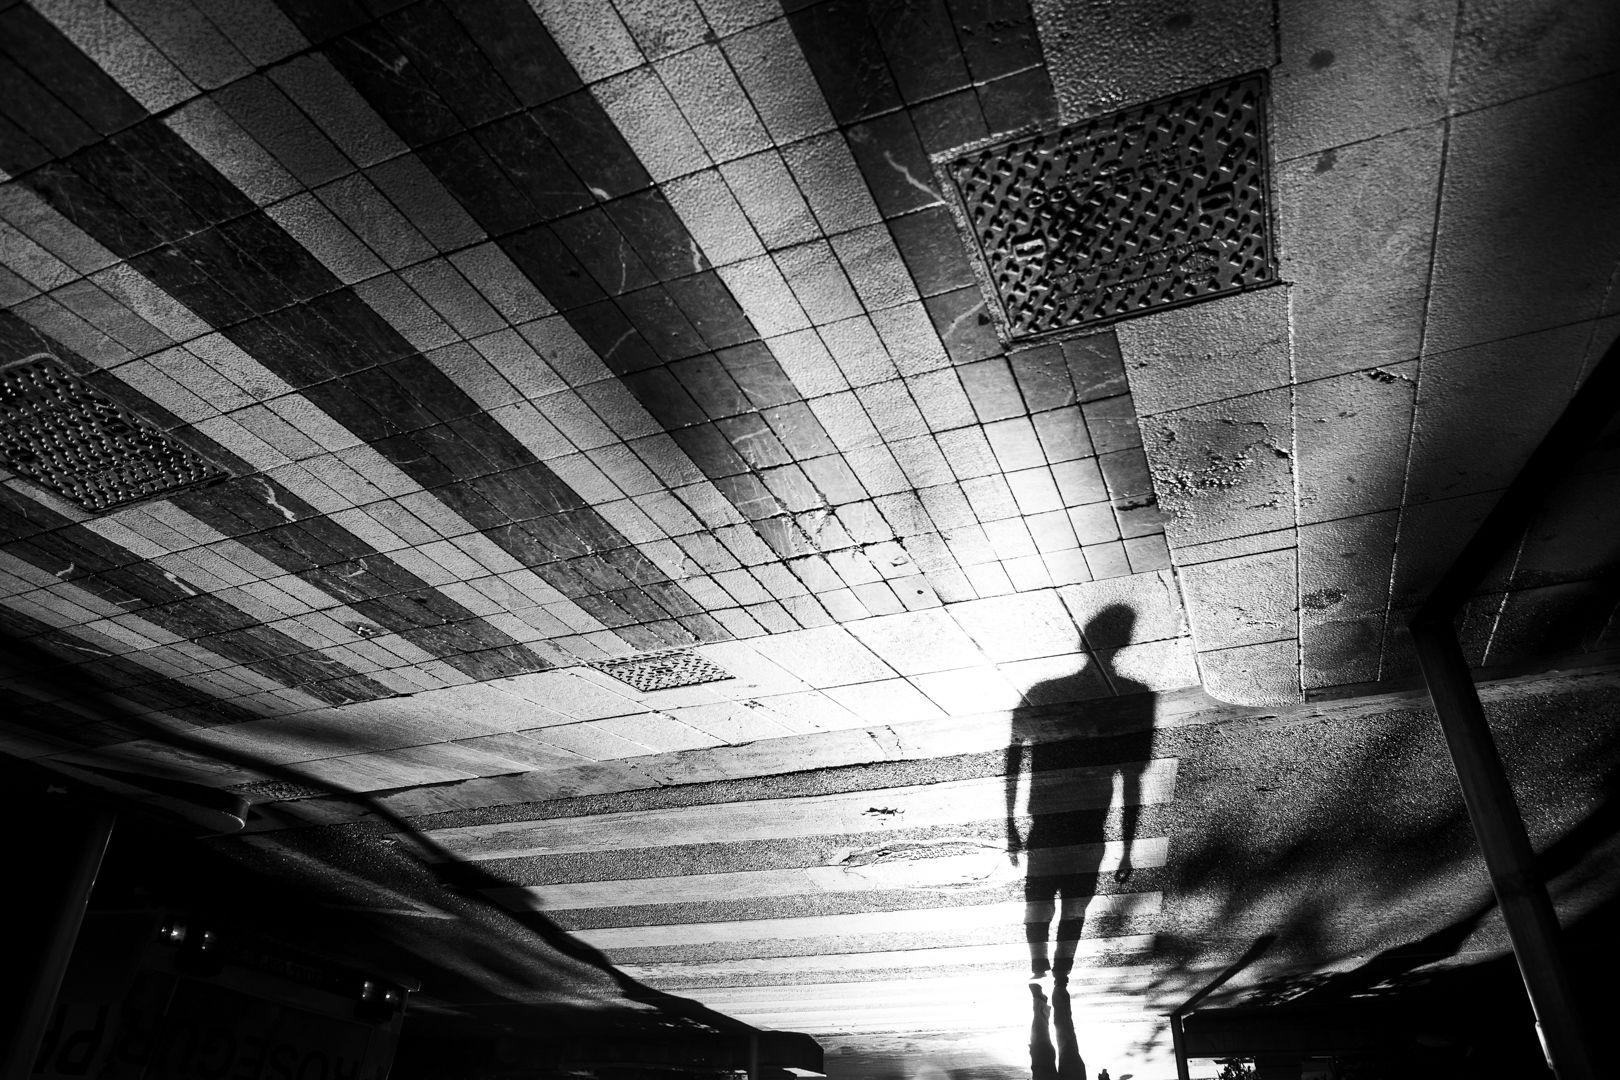 © Tomàs Moyà / Photographer